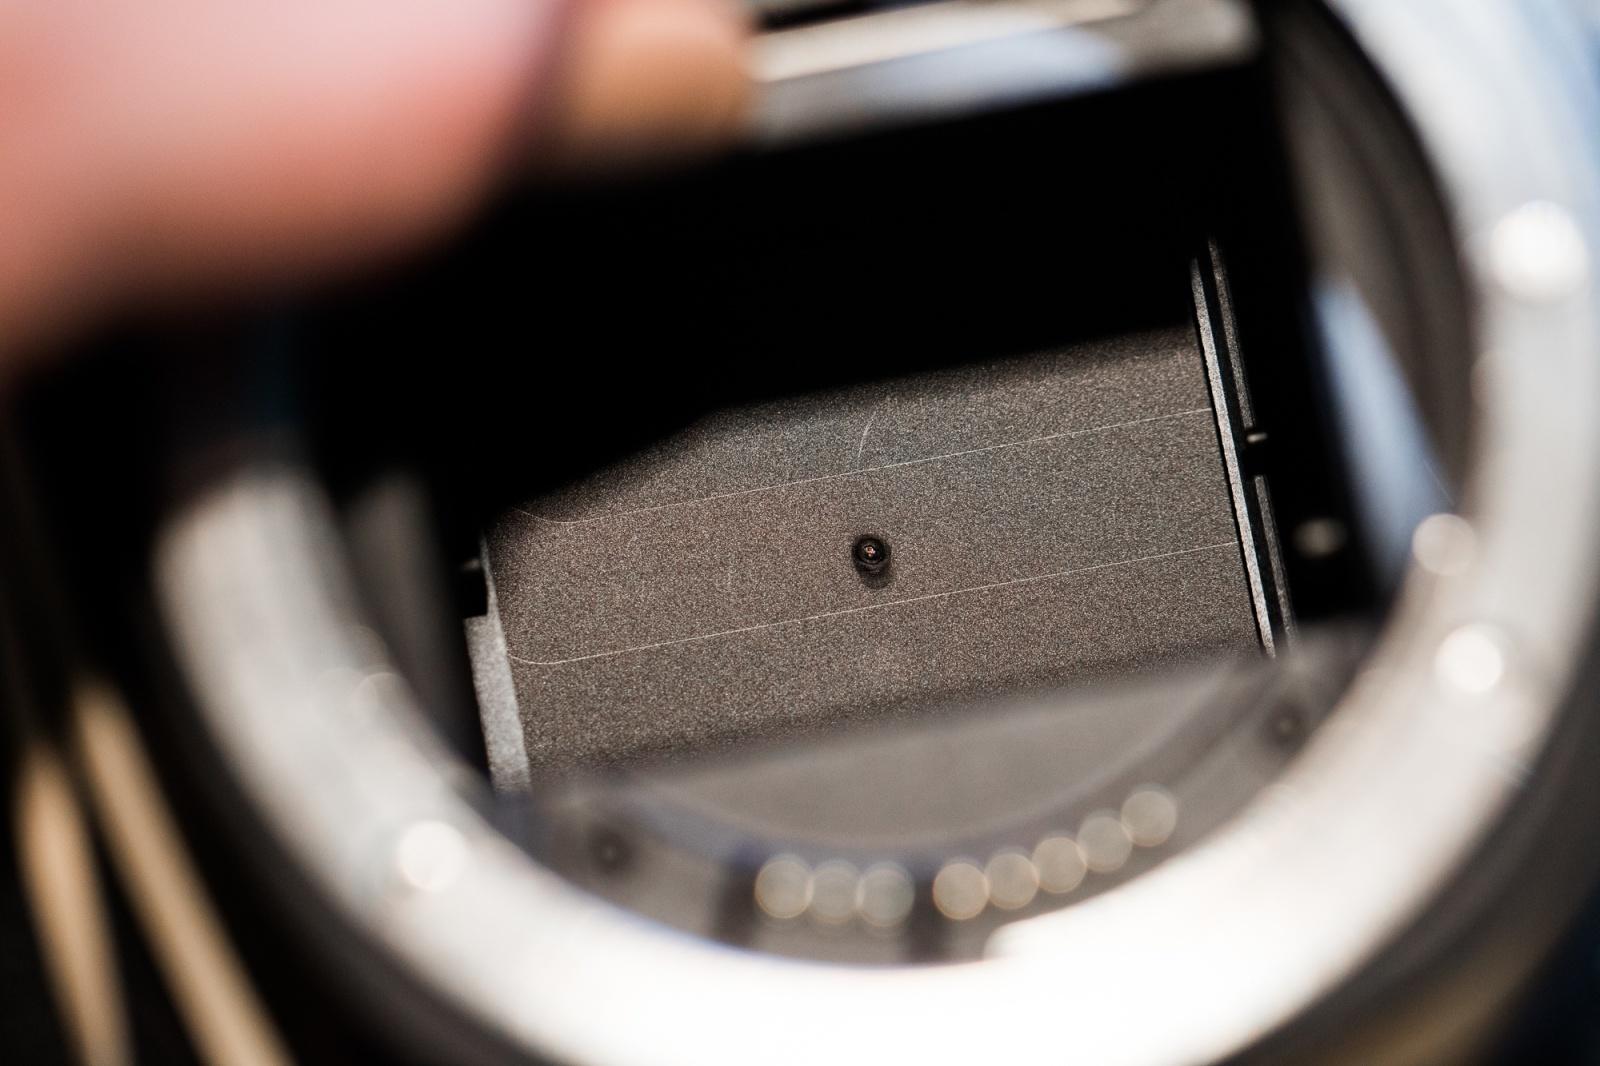 Прокатное фотографическое оборудование, повреждённое солнечным затмением - 2